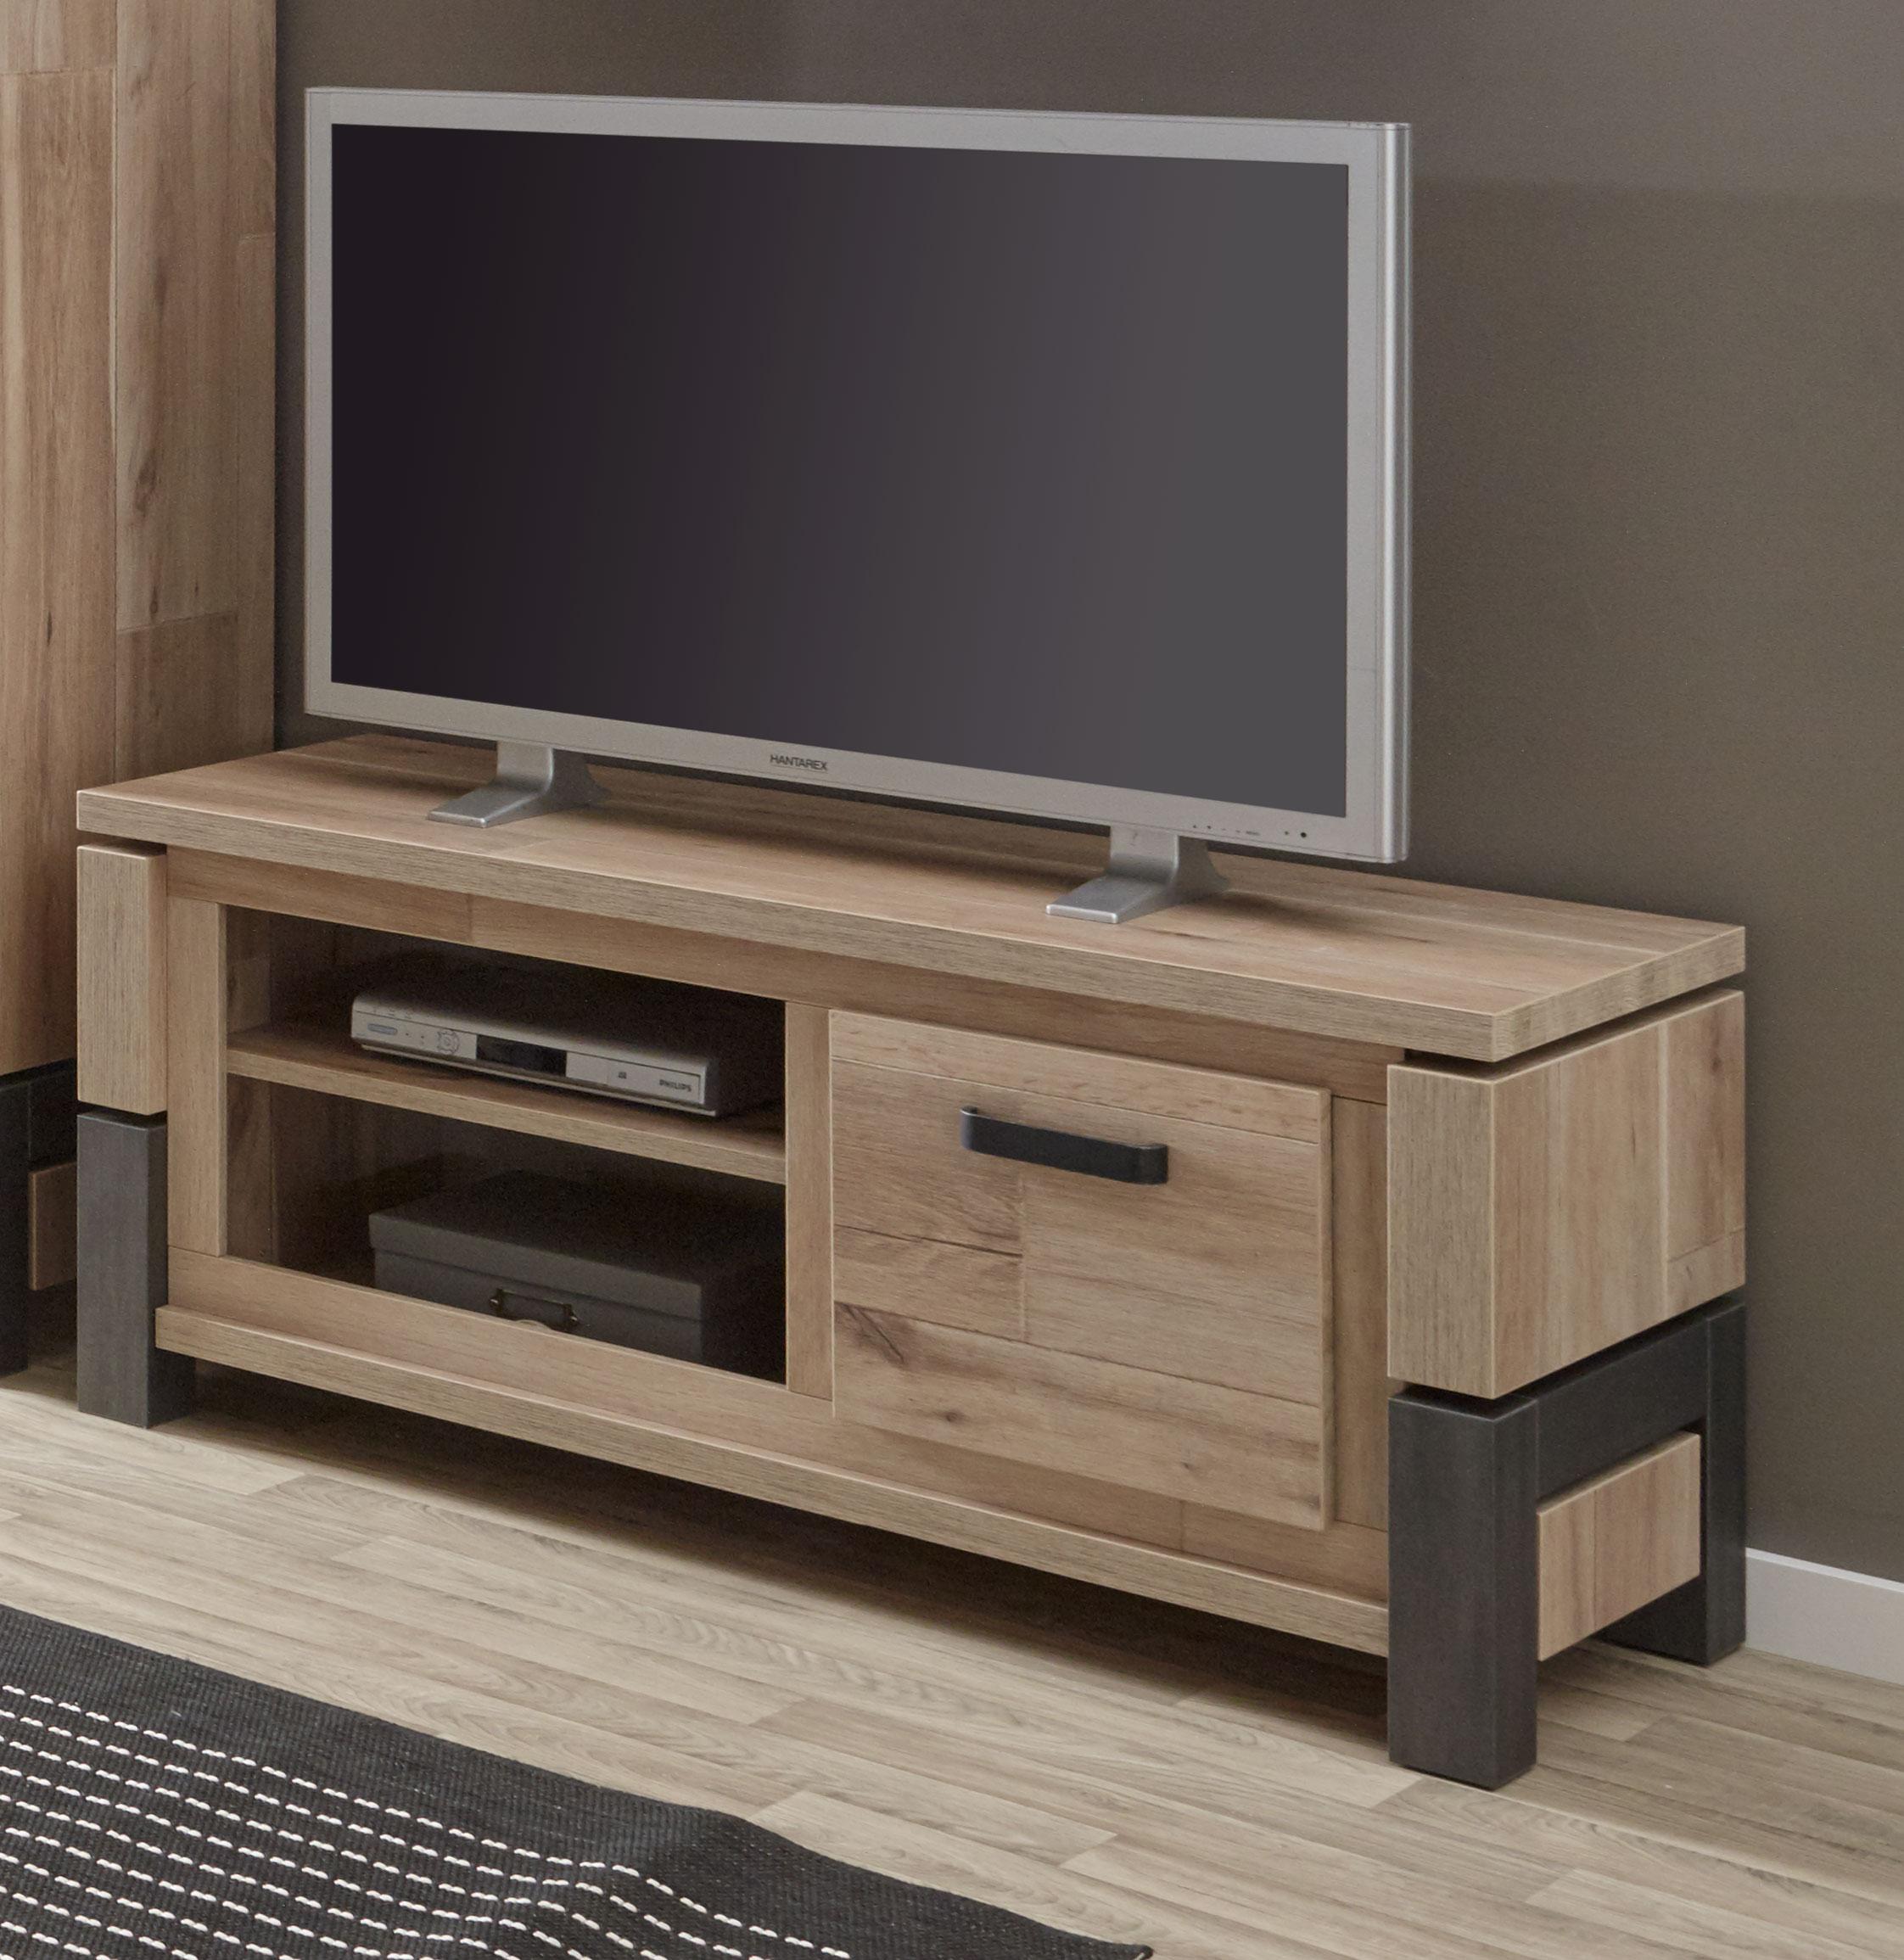 meuble tv contemporain 130 cm coloris vieux chene anthracite luciano